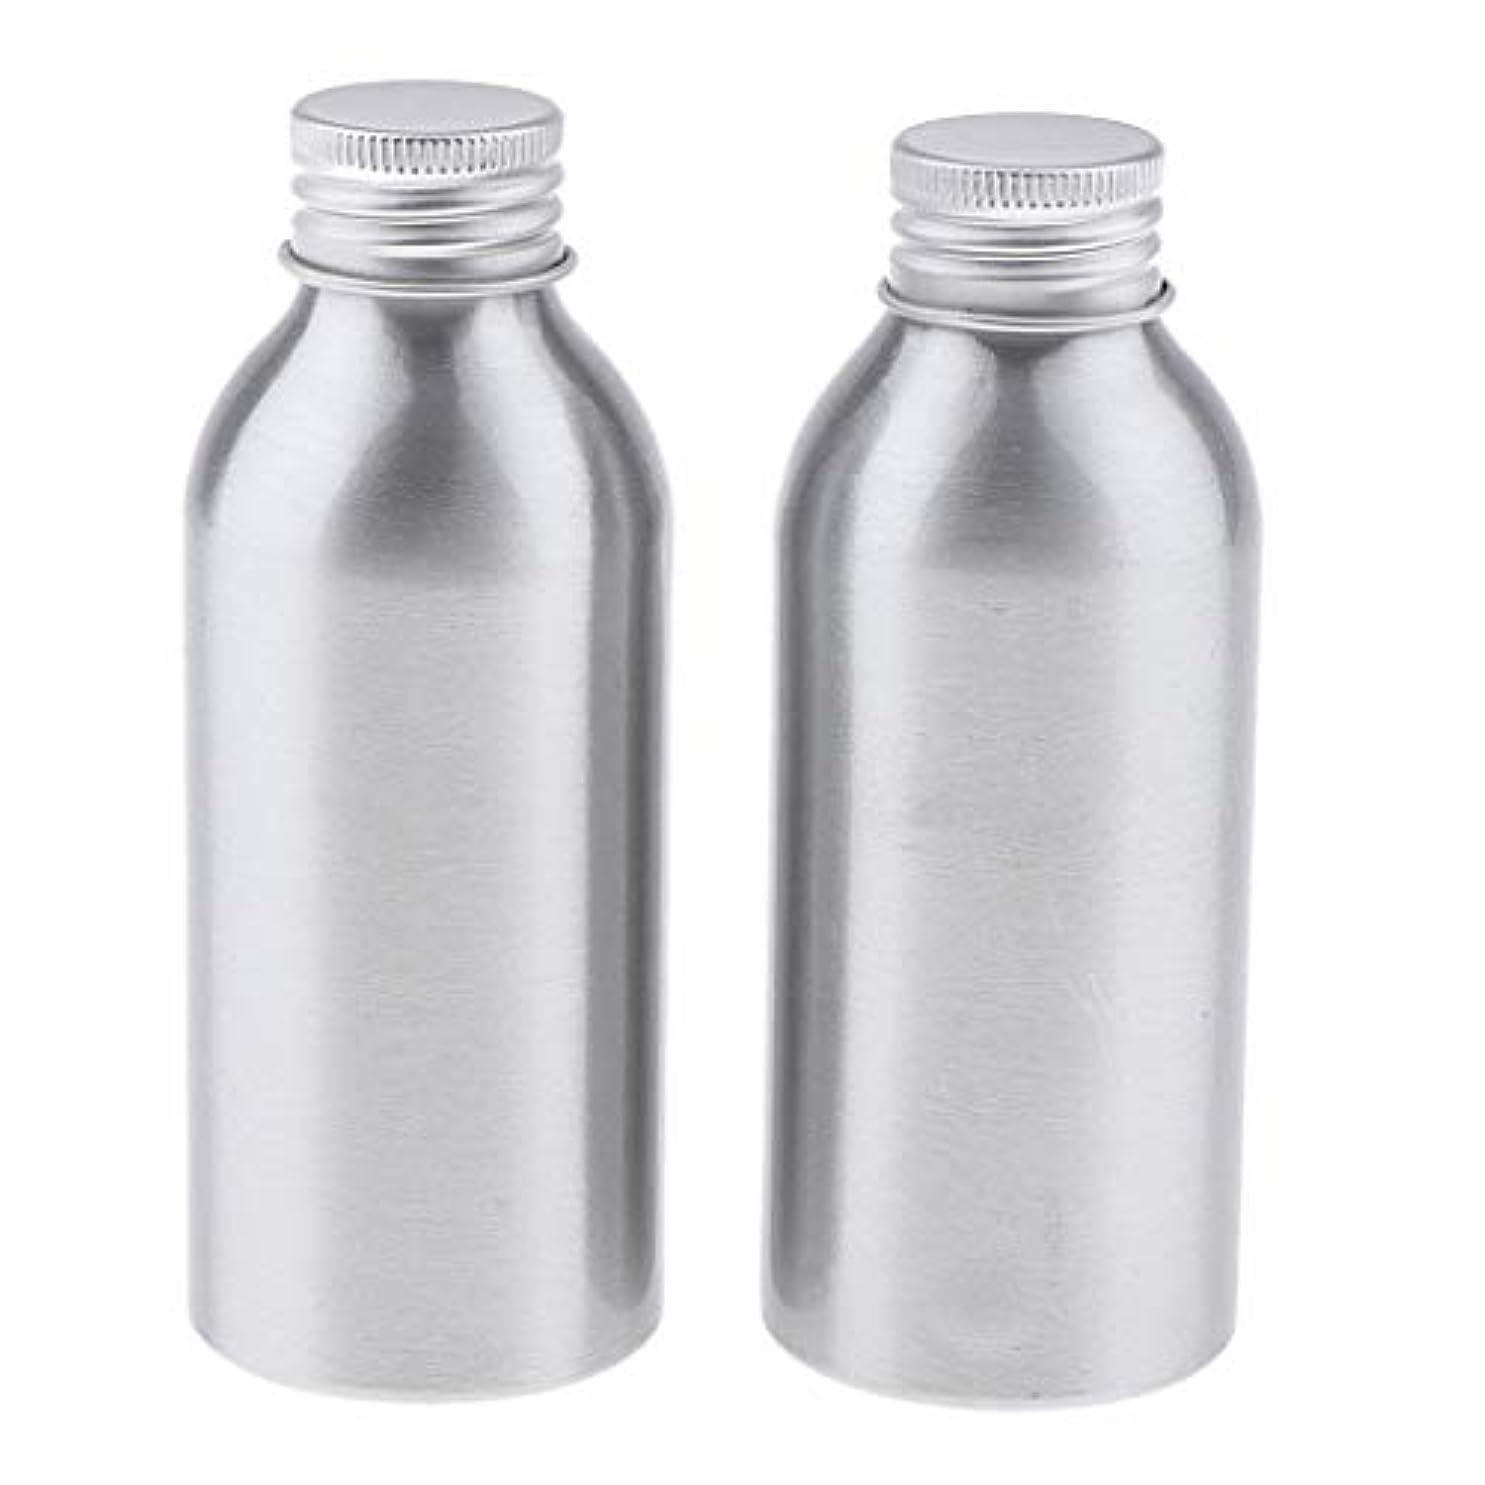 集団稼ぐ重要なディスペンサーボトル 空ボトル アルミボトル 化粧品ボトル 詰替え容器 広い口 防錆 全5サイズ - 120ml